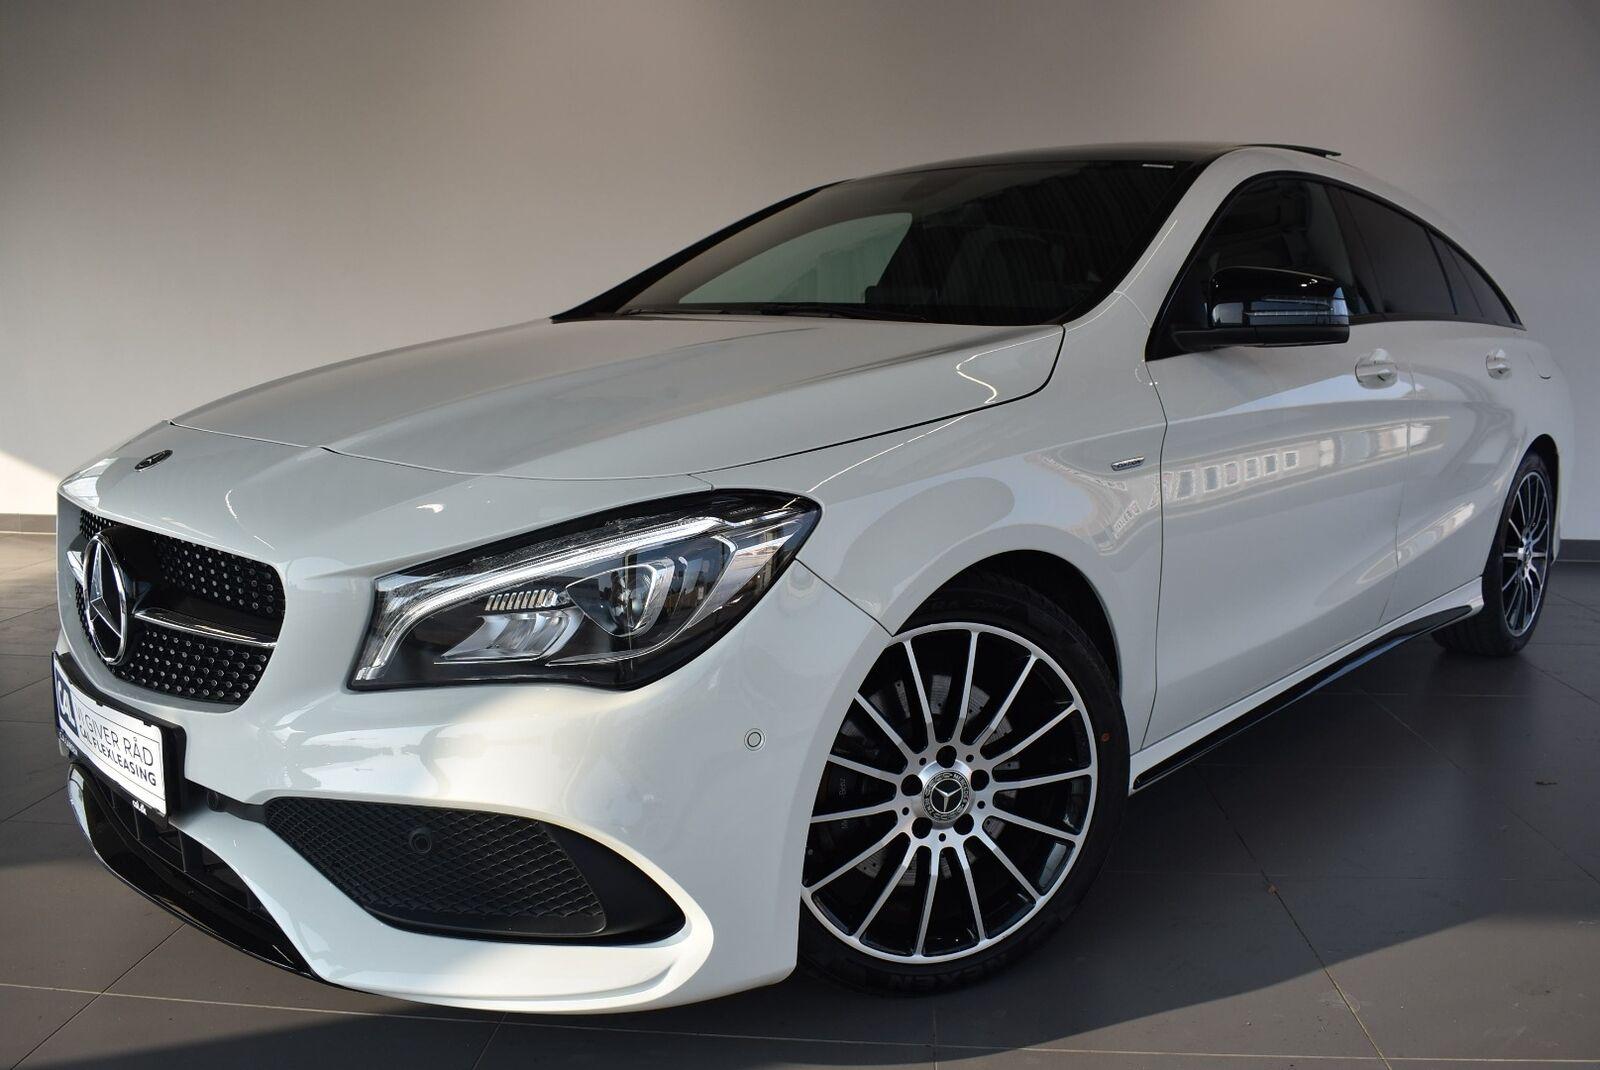 Mercedes CLA220 d 2,2 AMG Line aut. 4d - 1.552 kr.